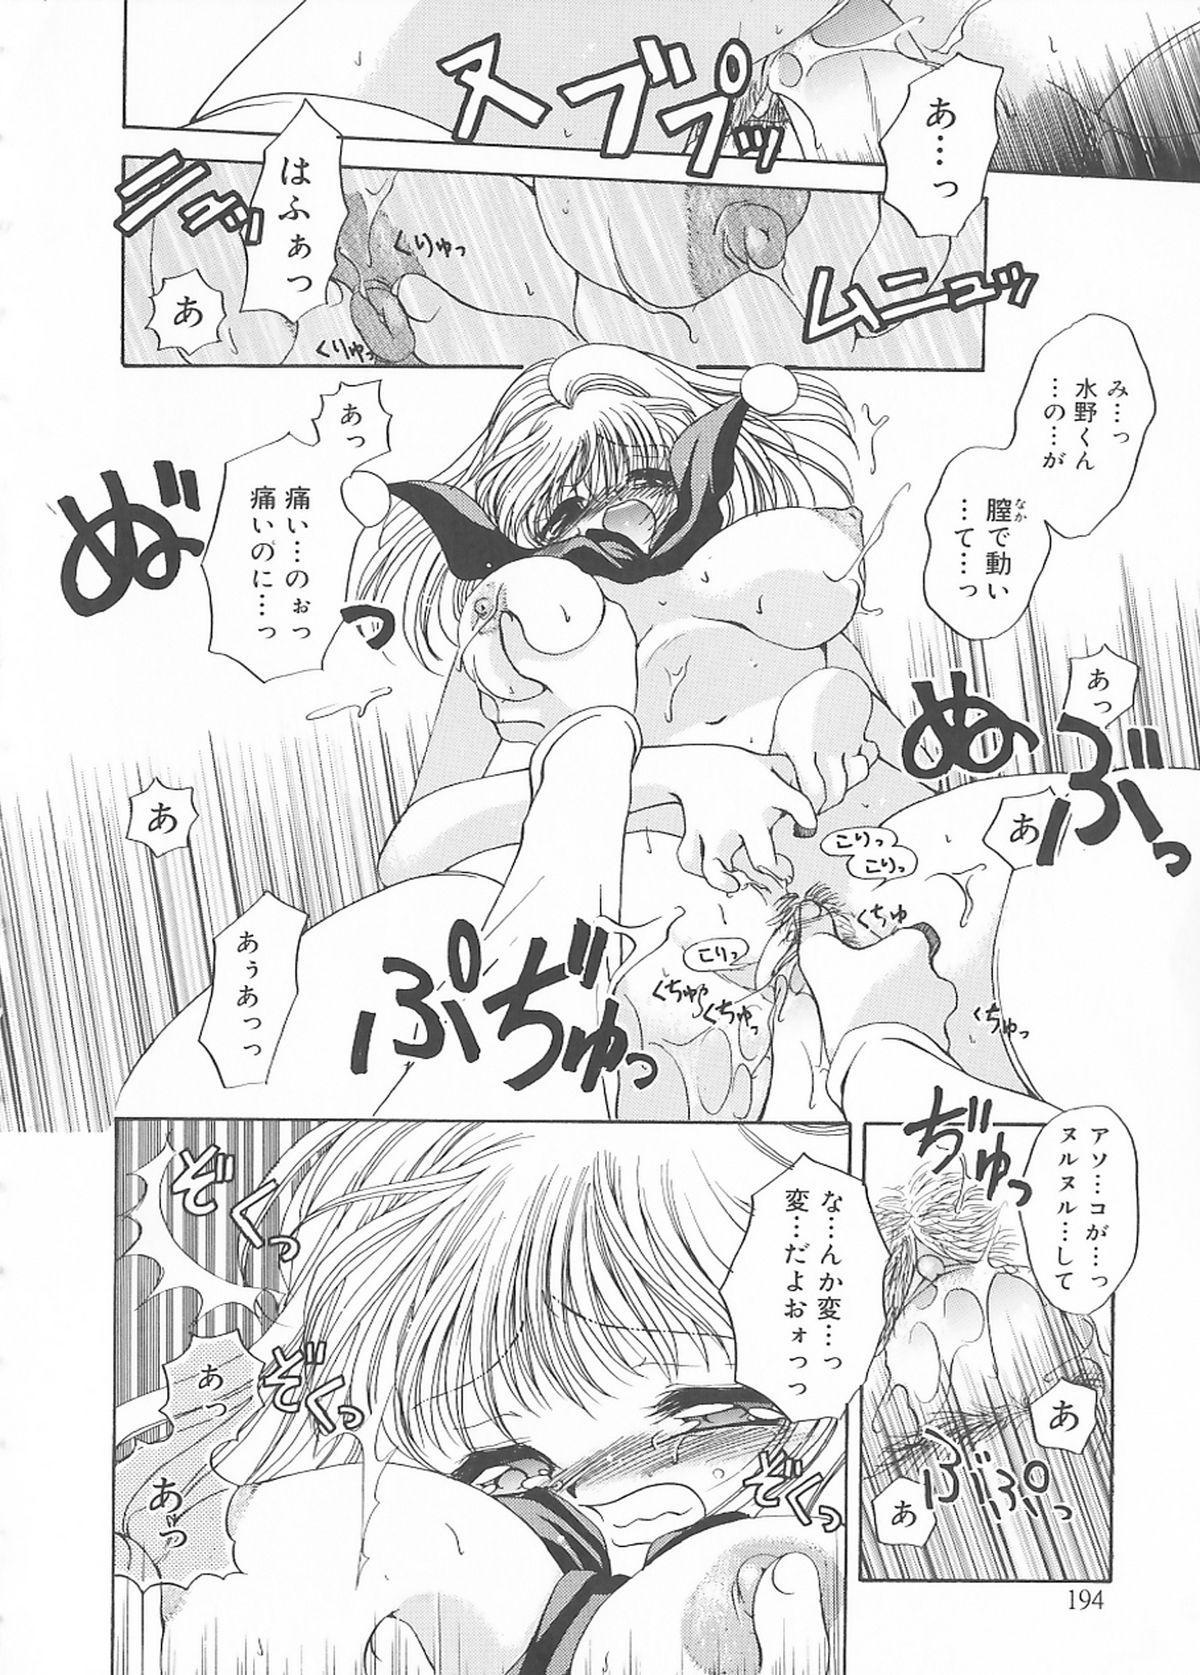 Cream Tengoku - Shinsouban 191